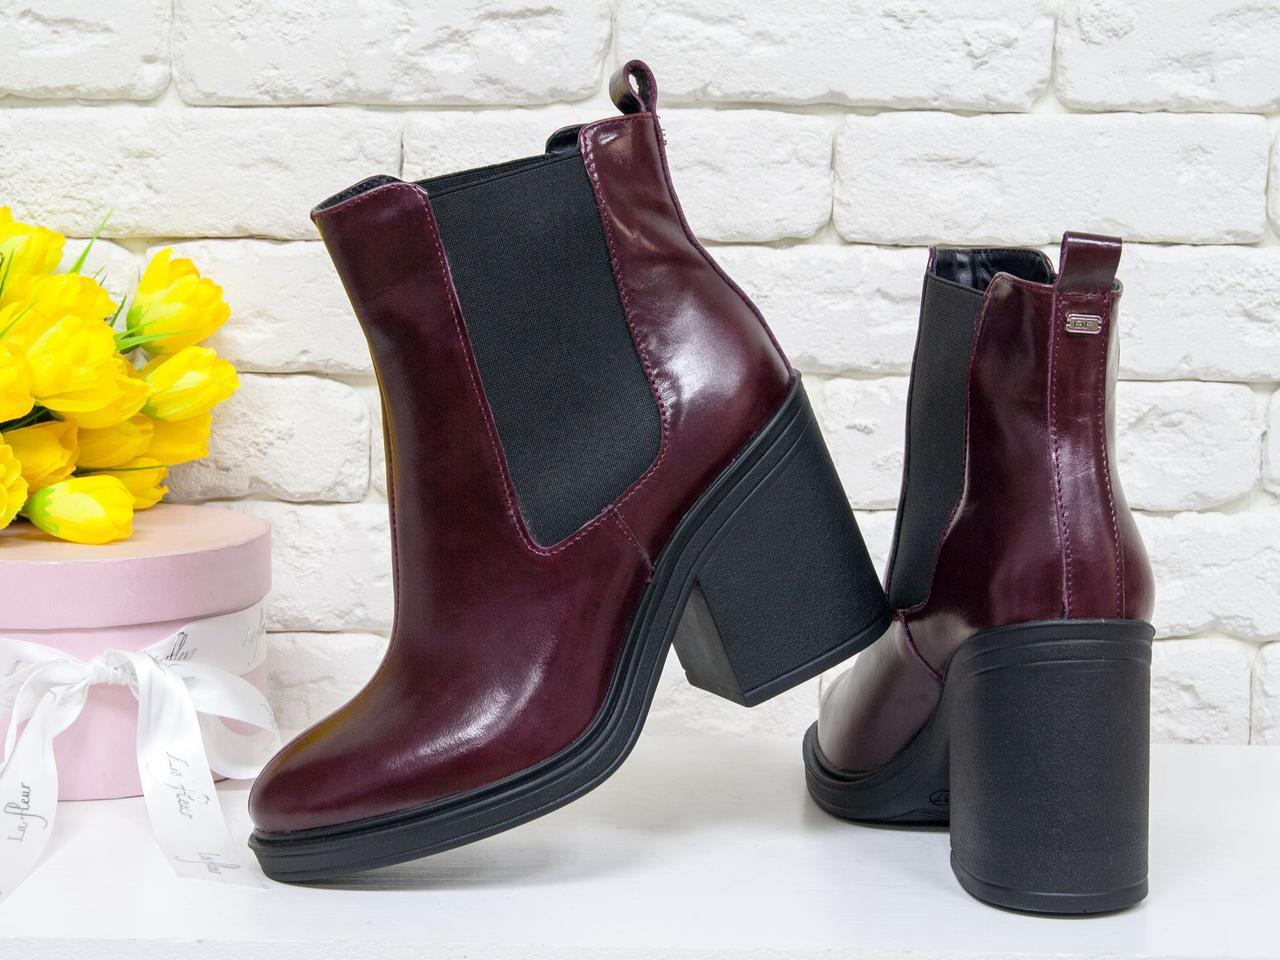 Ботинки стильные на каблуке из натуральной лаковой кожи красивого бордового цвета, свободного одевания